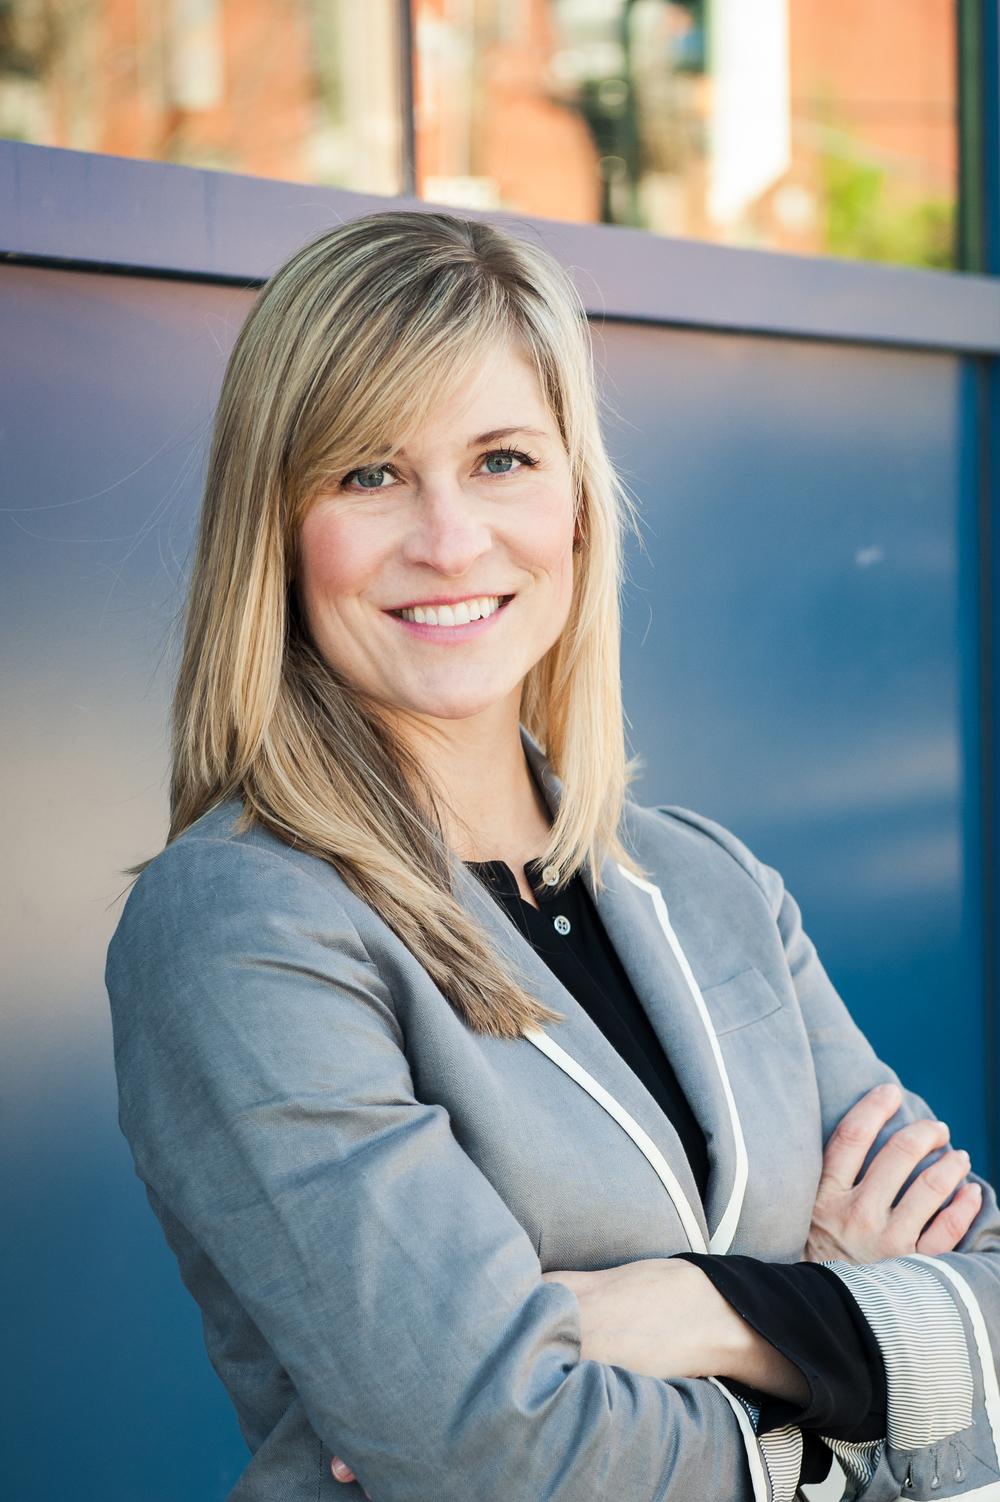 Lisl Huber, PRINCIPAL